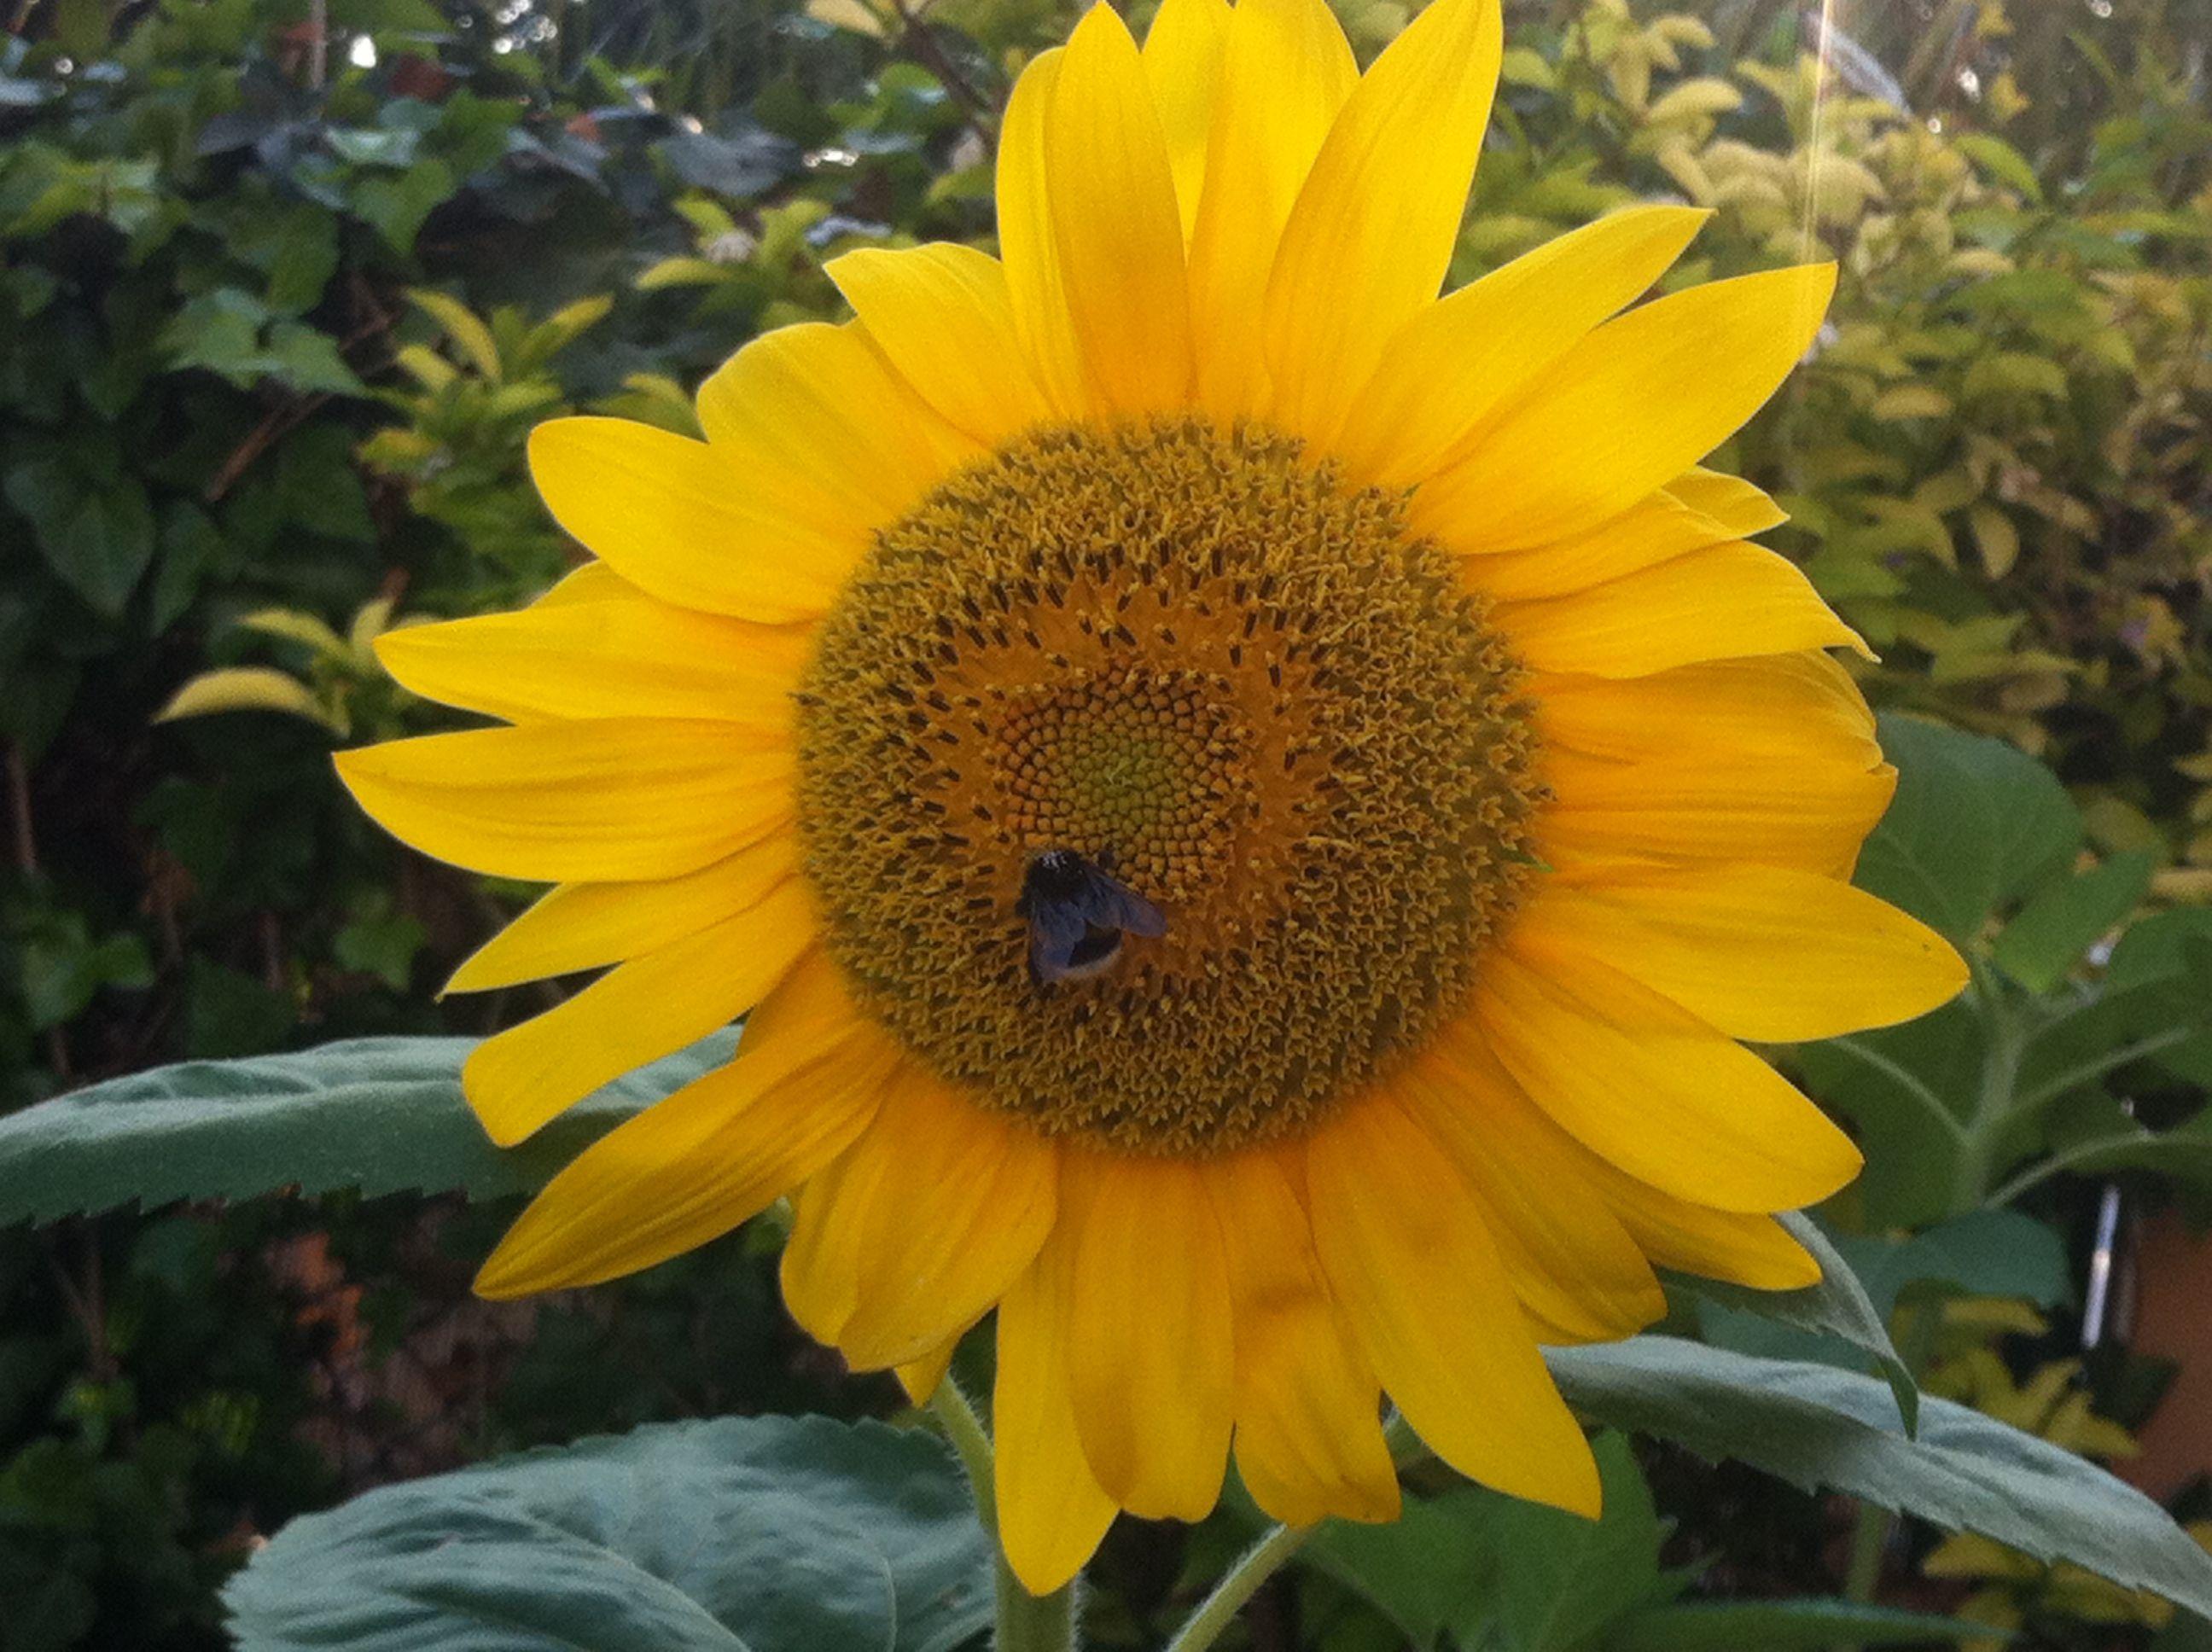 La flor de la vida!!